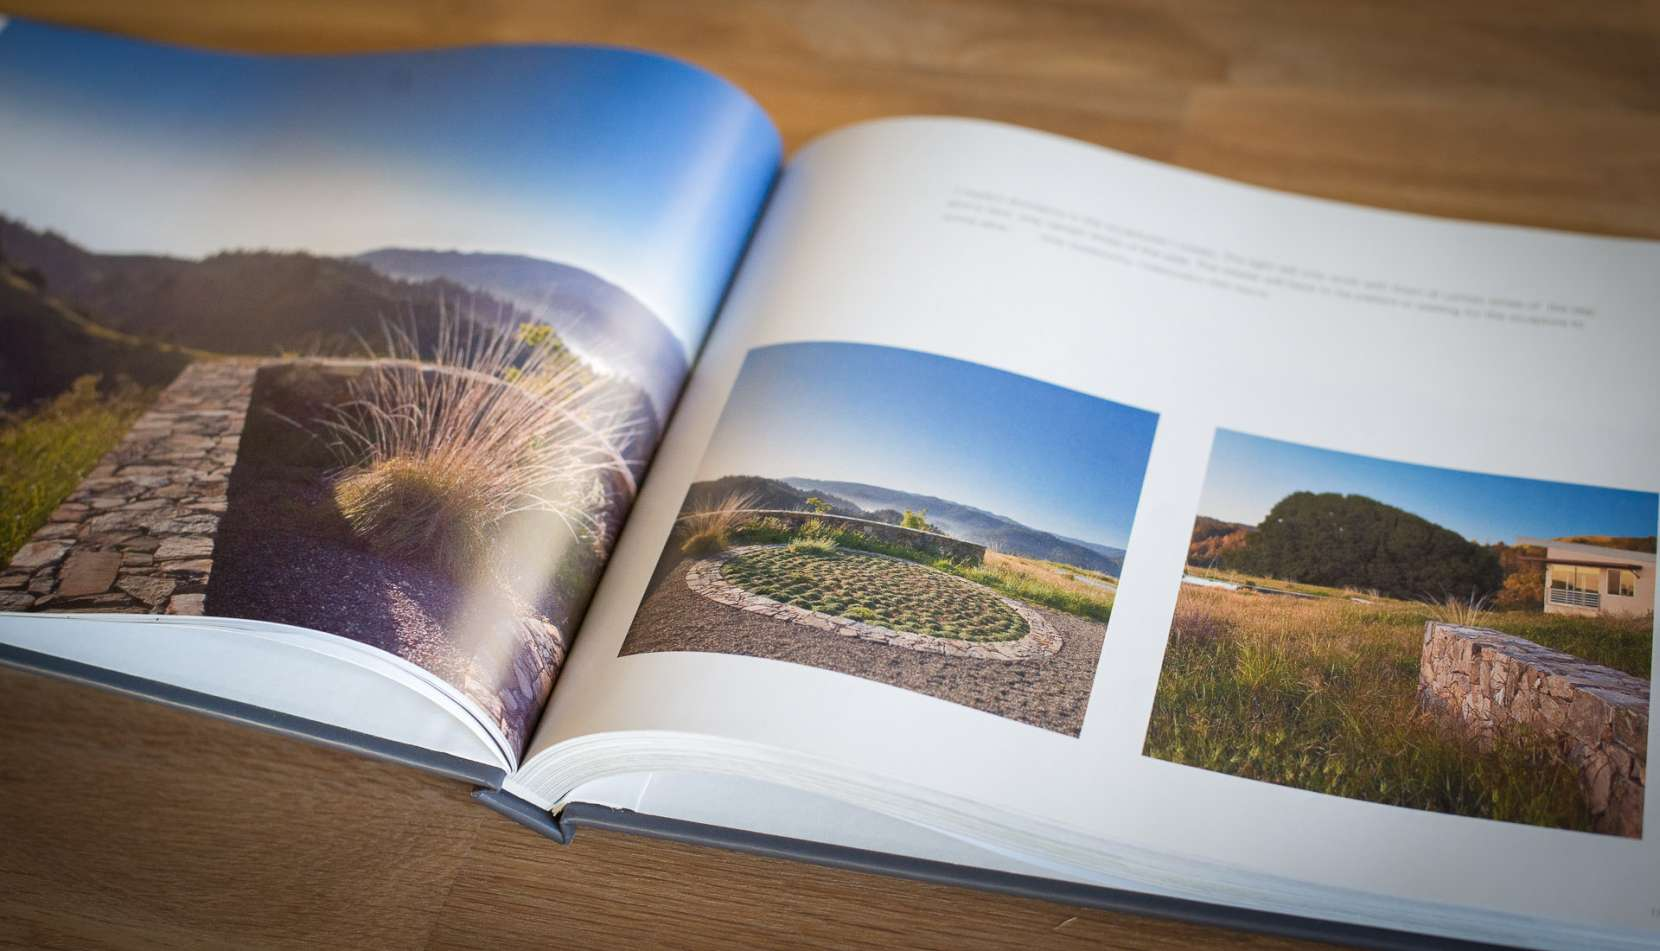 bta-book-6385-1660x951.jpg